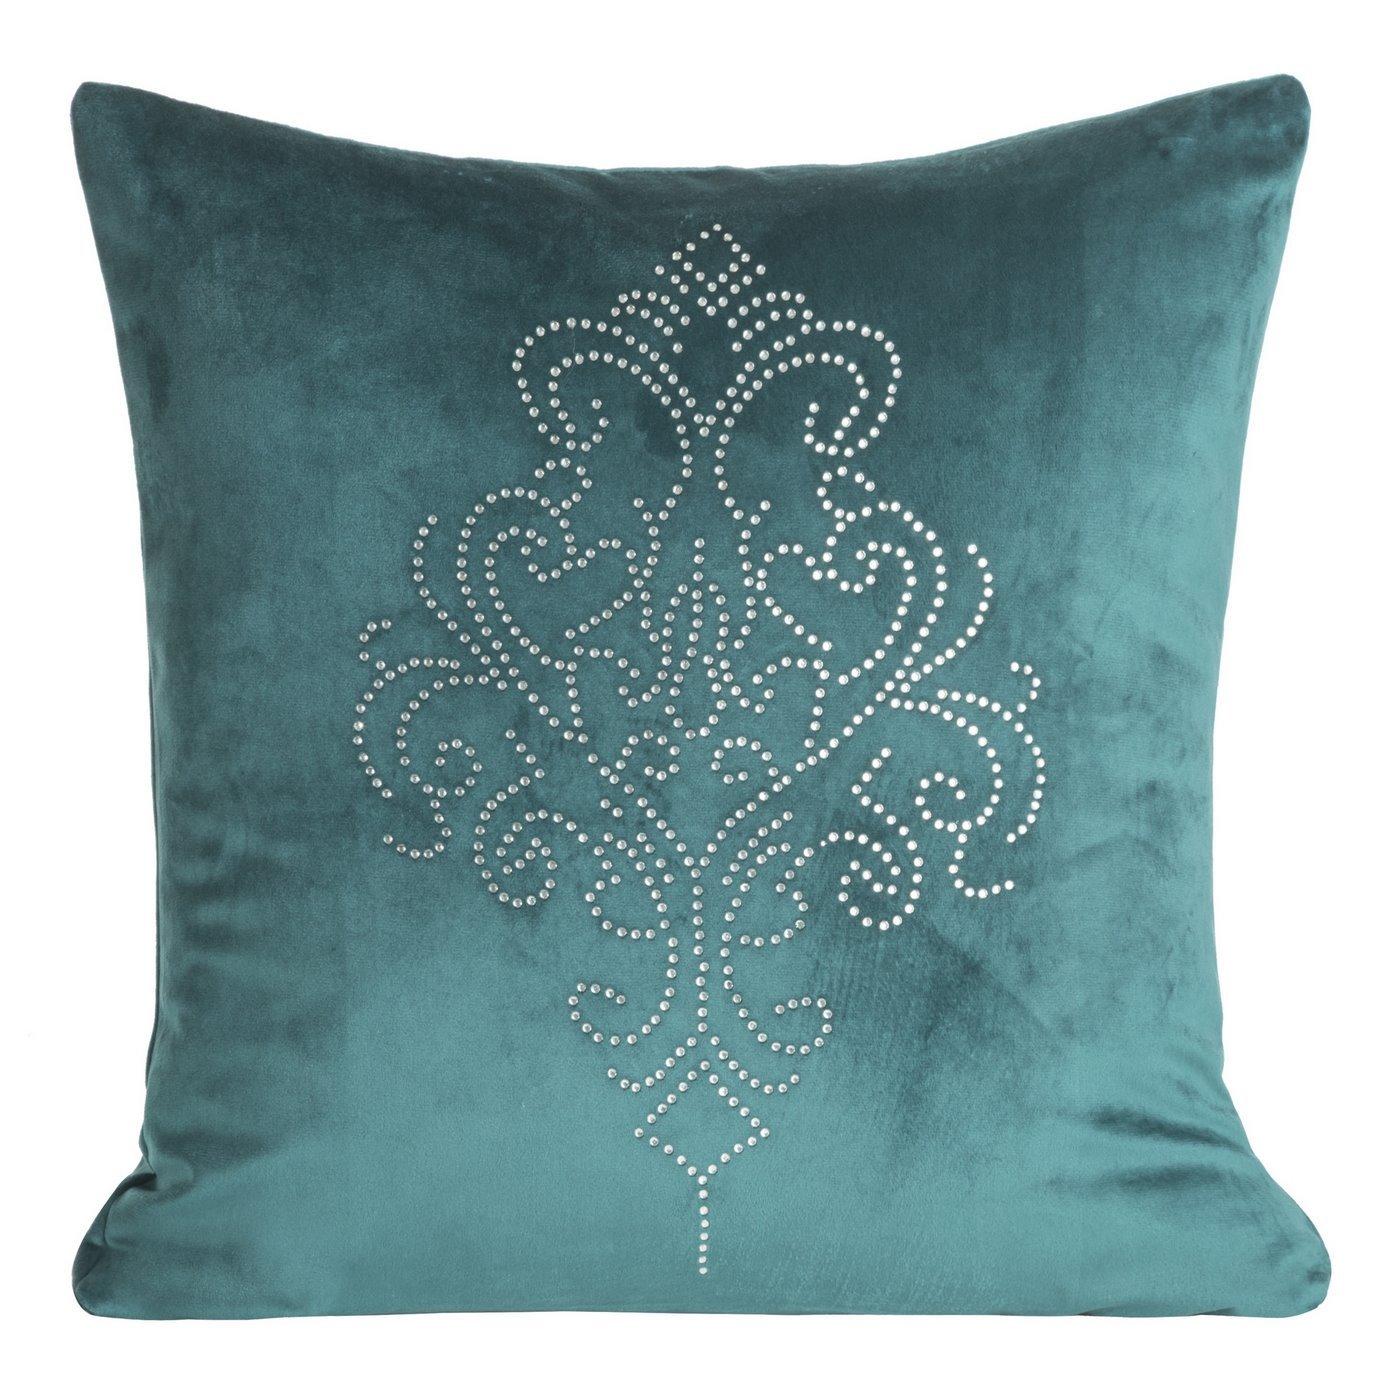 Poszewka na poduszkę 45 x 45 cm z pięknym ornamentowym wzorem z kryształków turkusowa